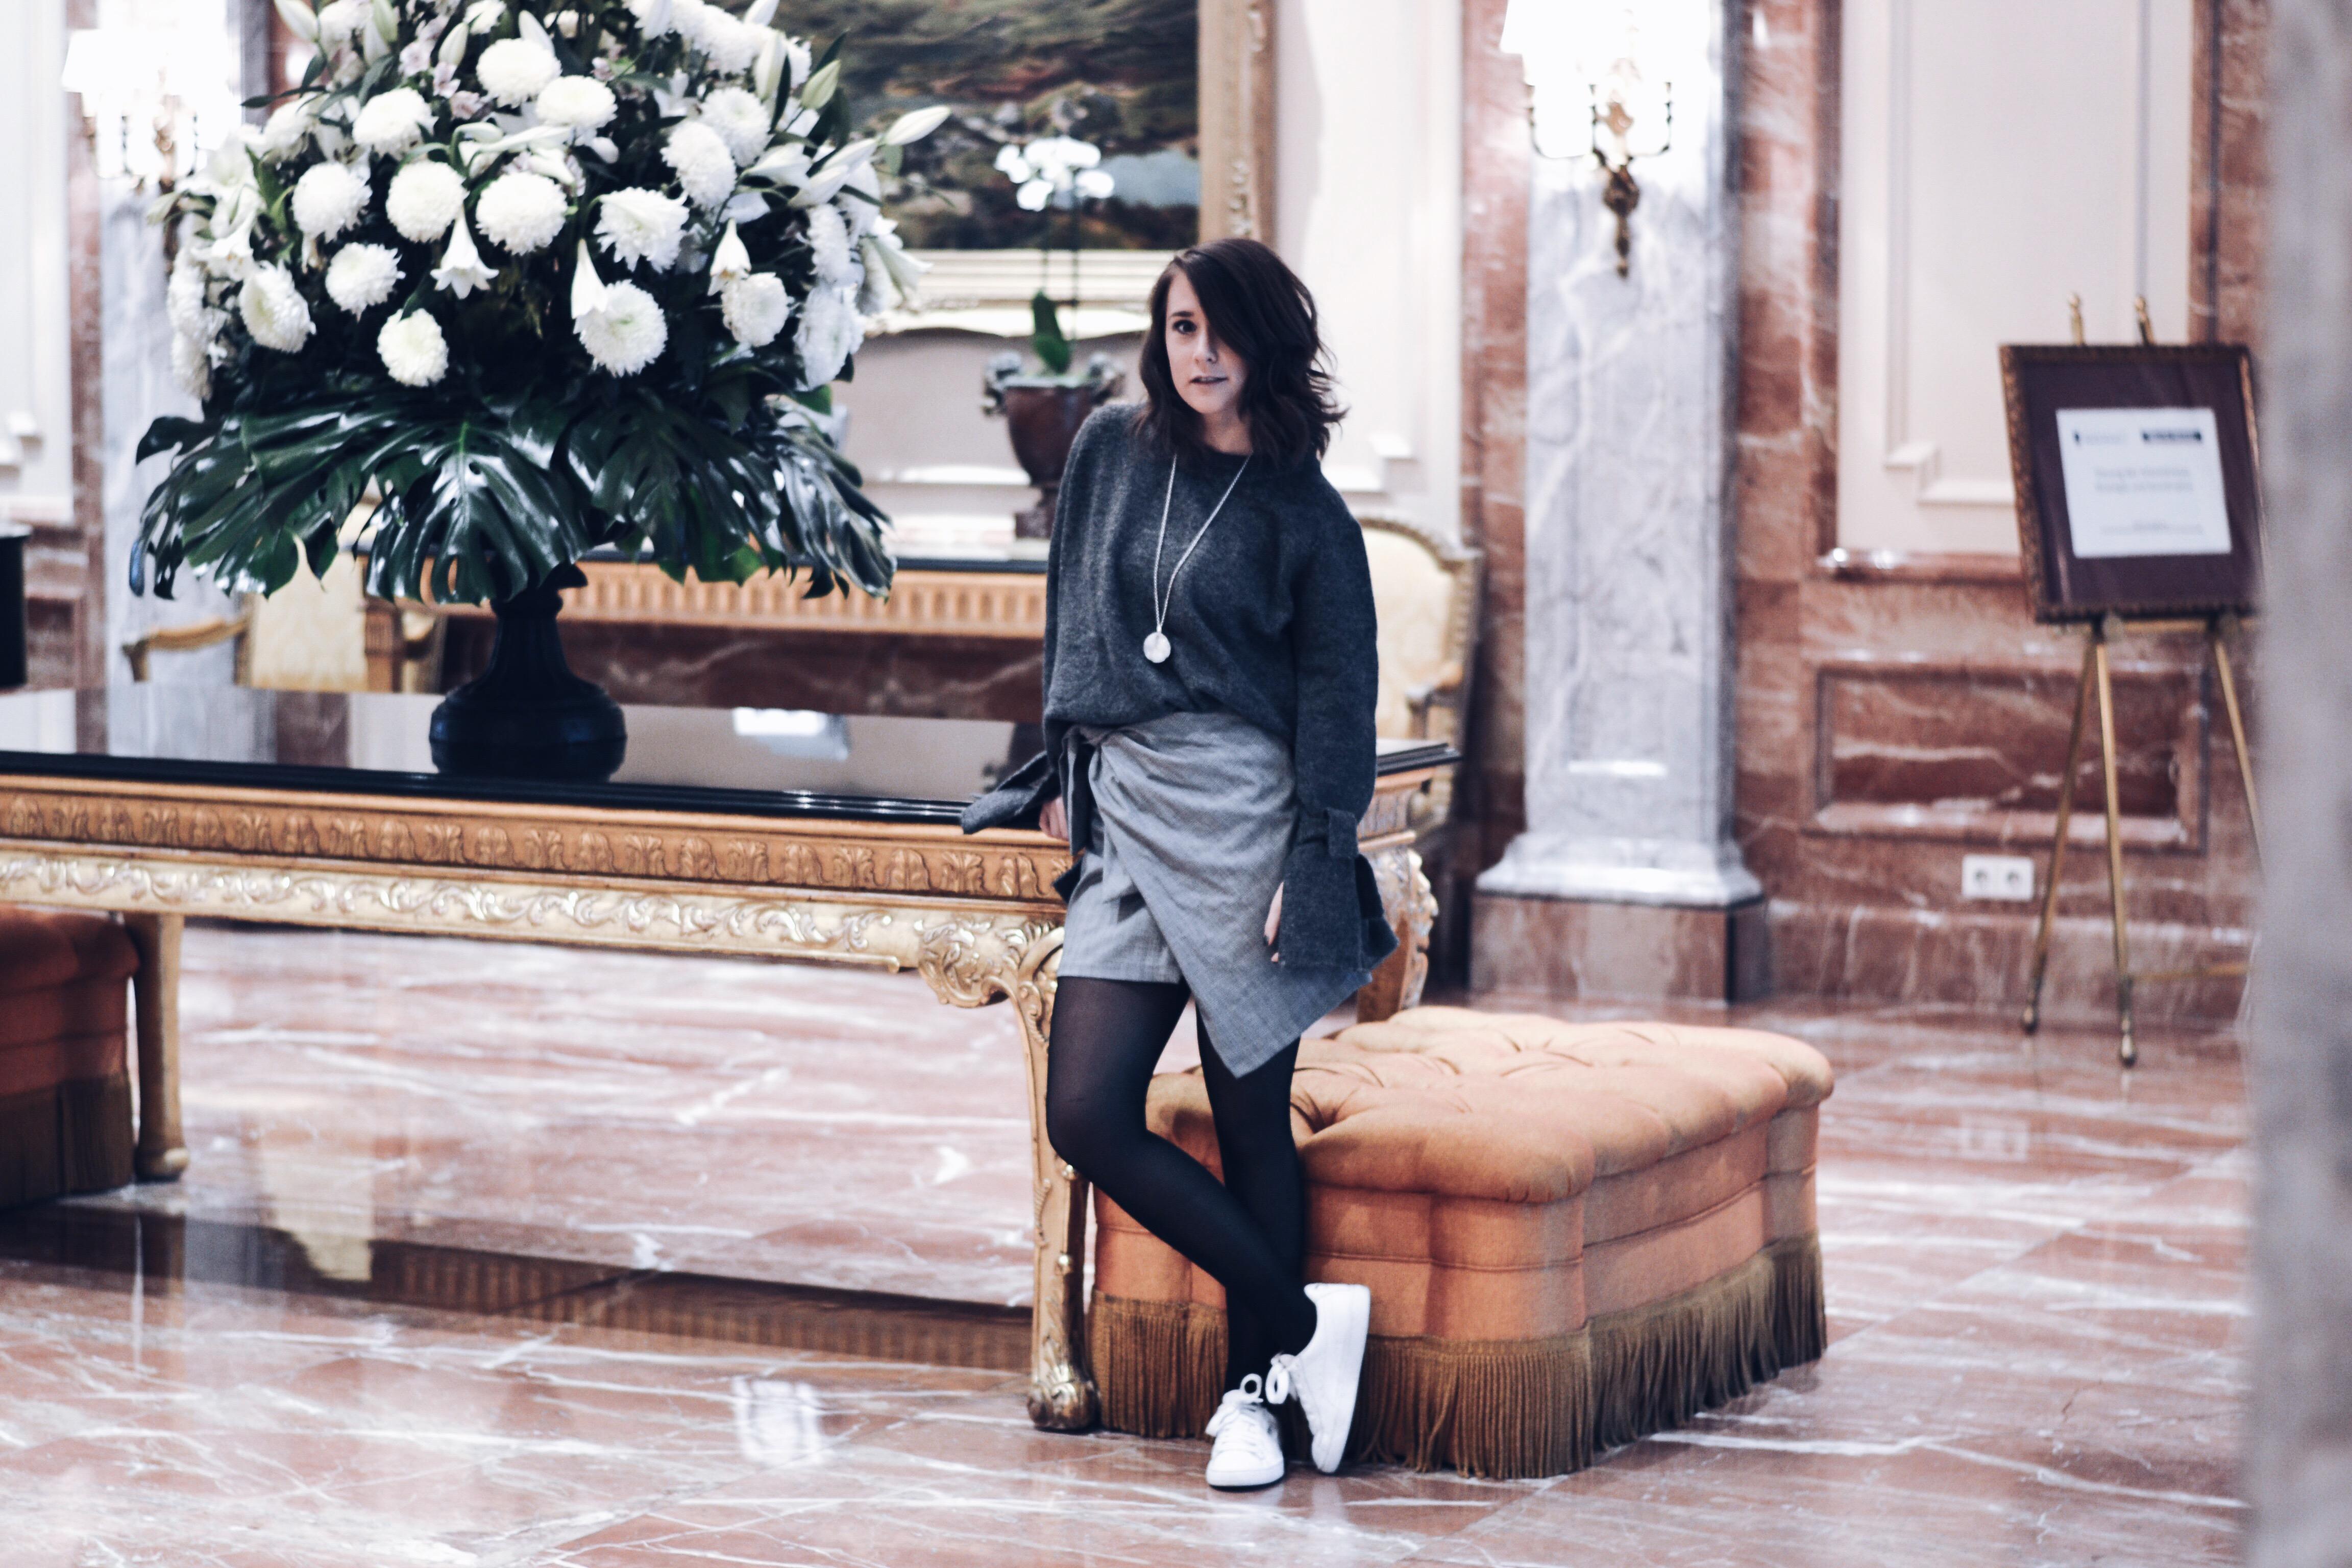 allthatchoices by laura fashionblog mainz hotelbericht regent berlin hotel hoteltest erfahrungen Luxushotel 1.JPG